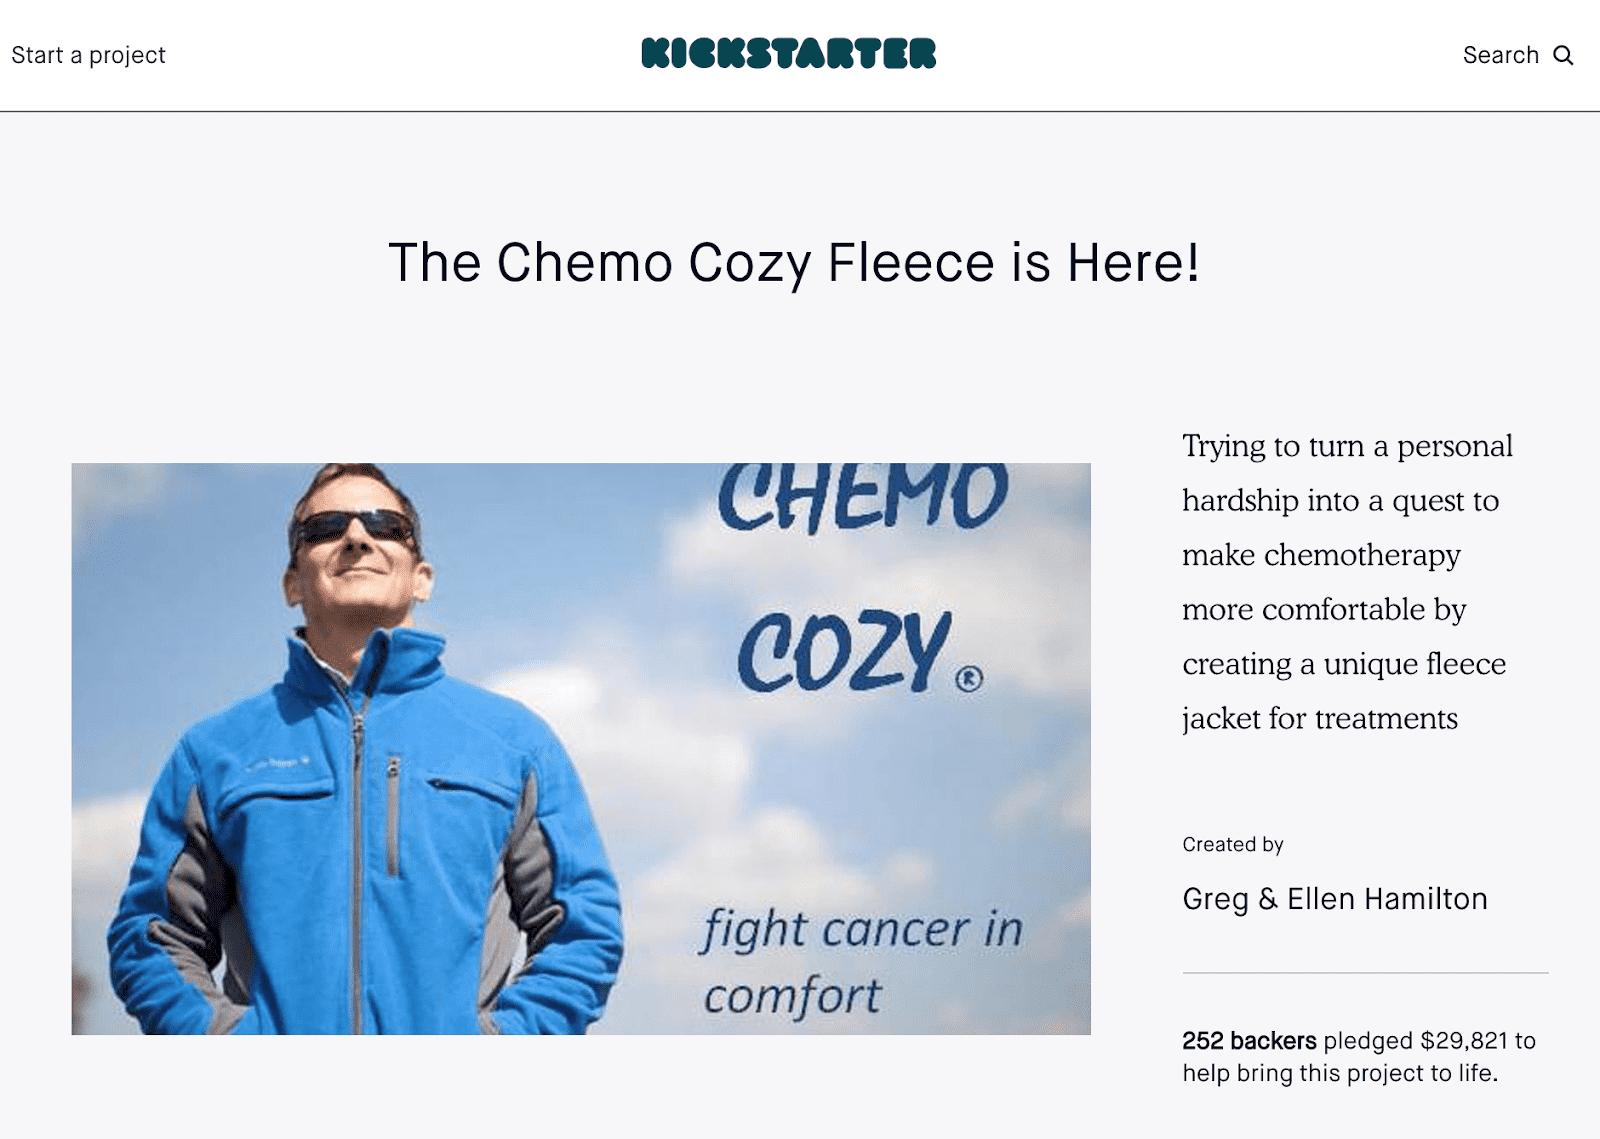 chemo-cozy